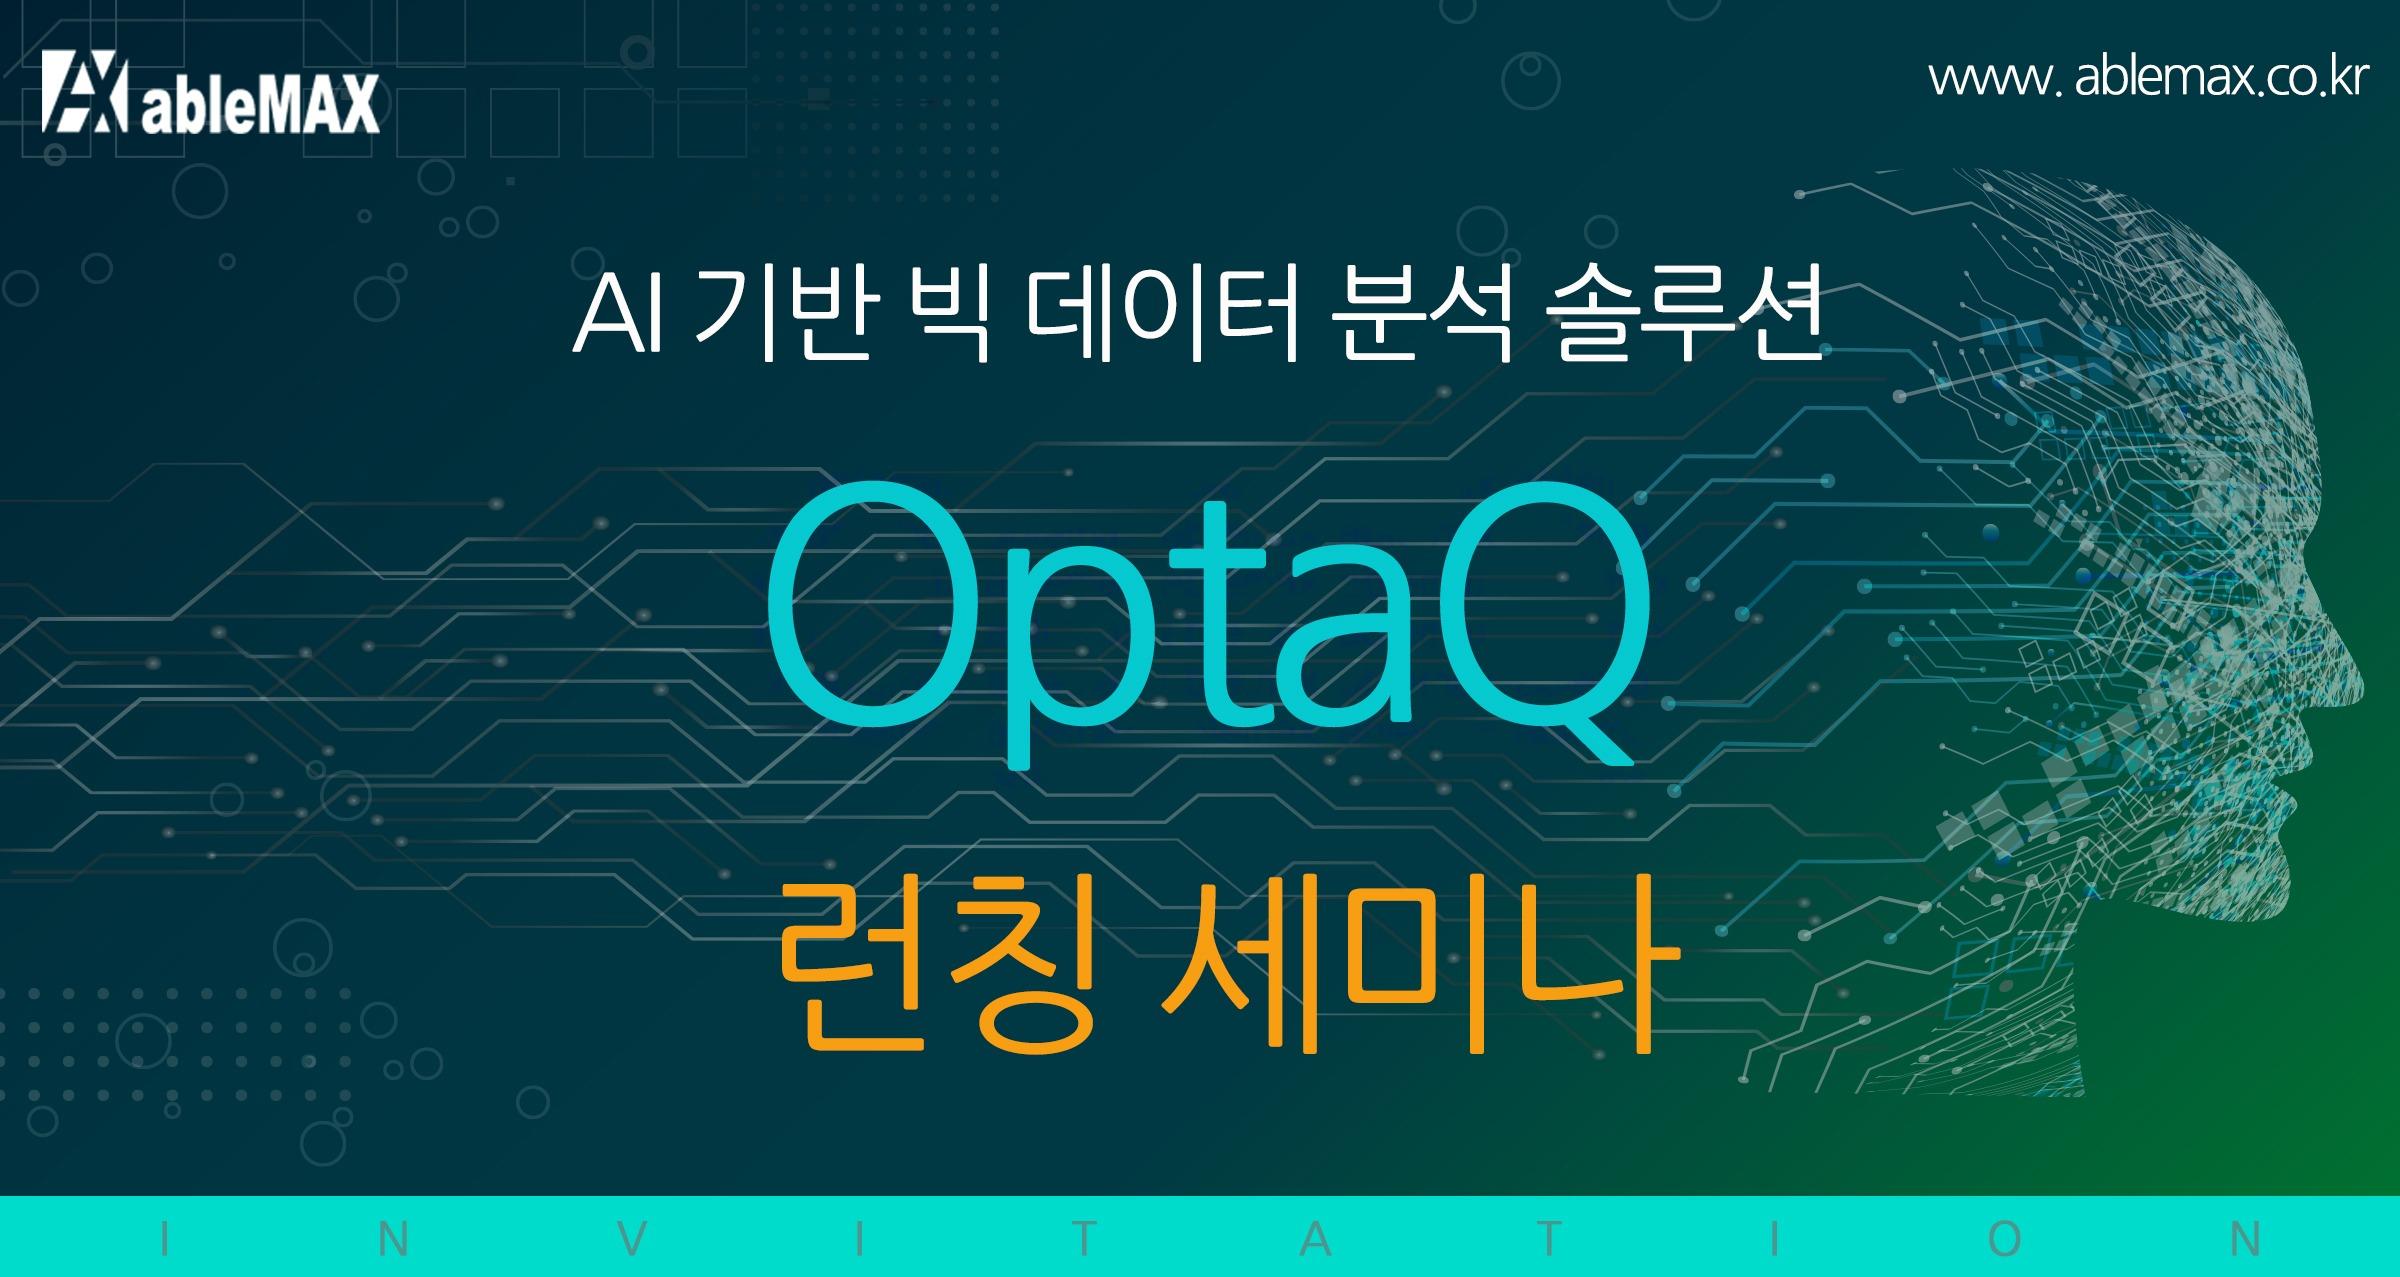 에이블맥스(주) 신제품 OptaQ 런칭세미나